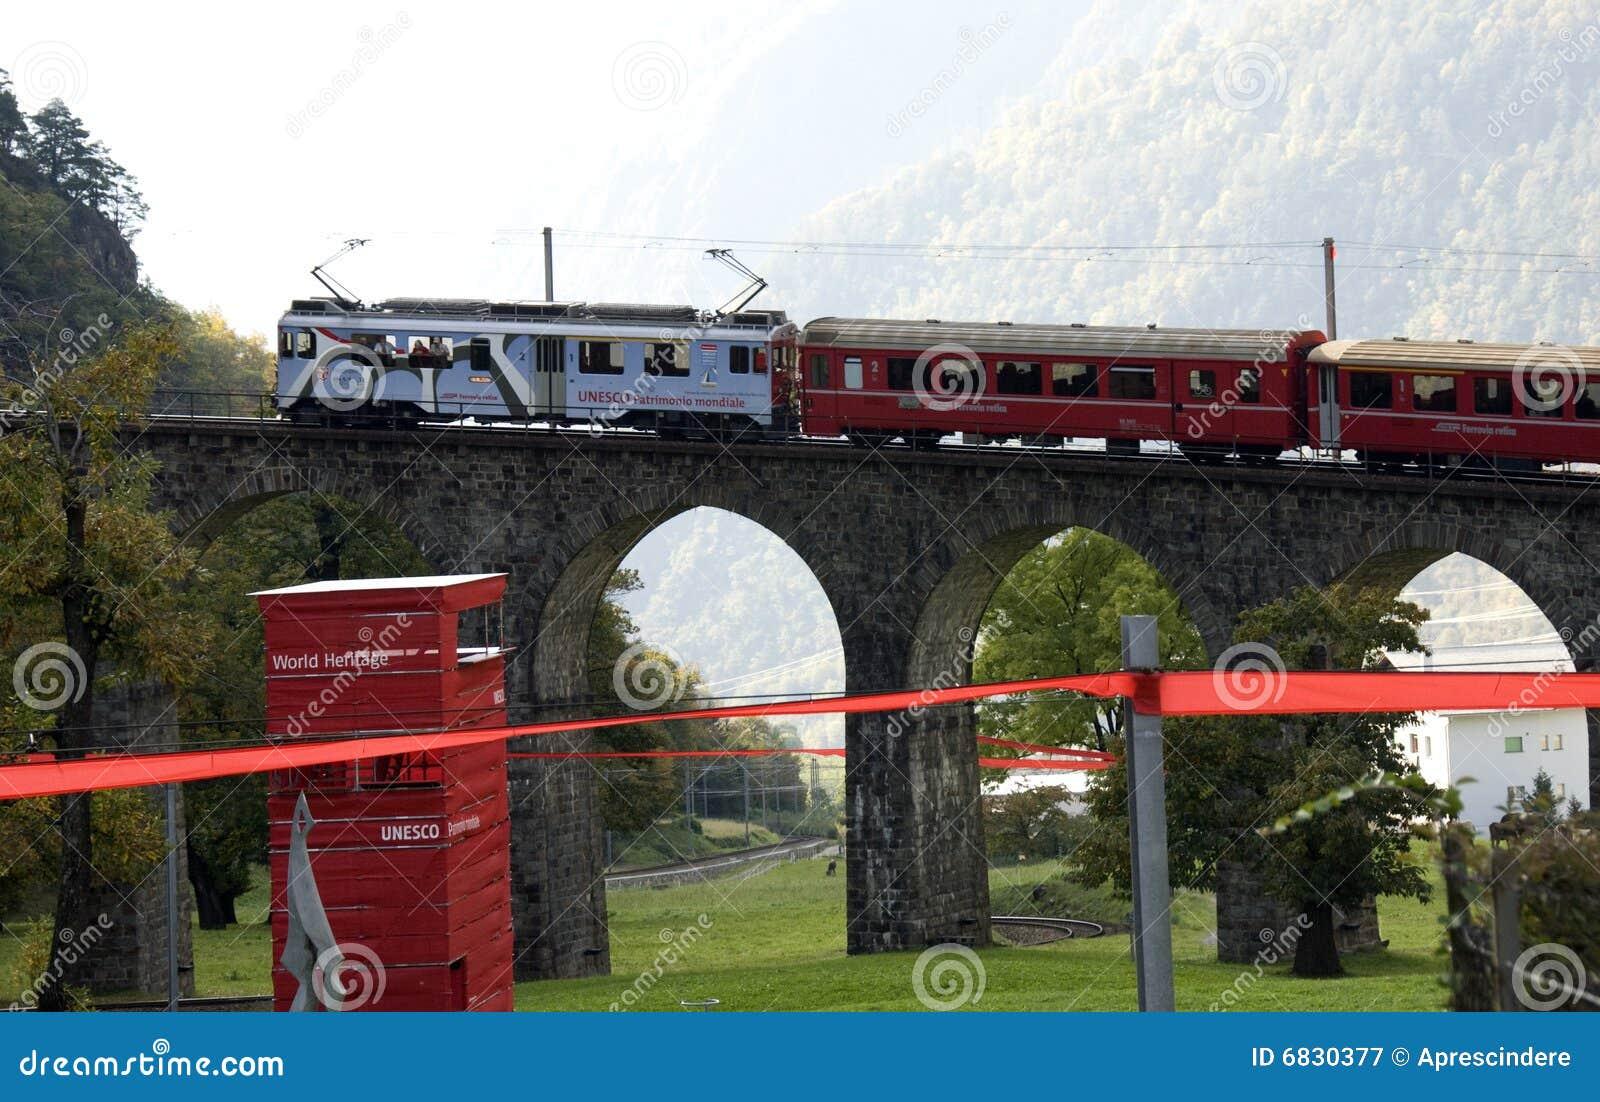 Bernina快速遗产科教文组织世界